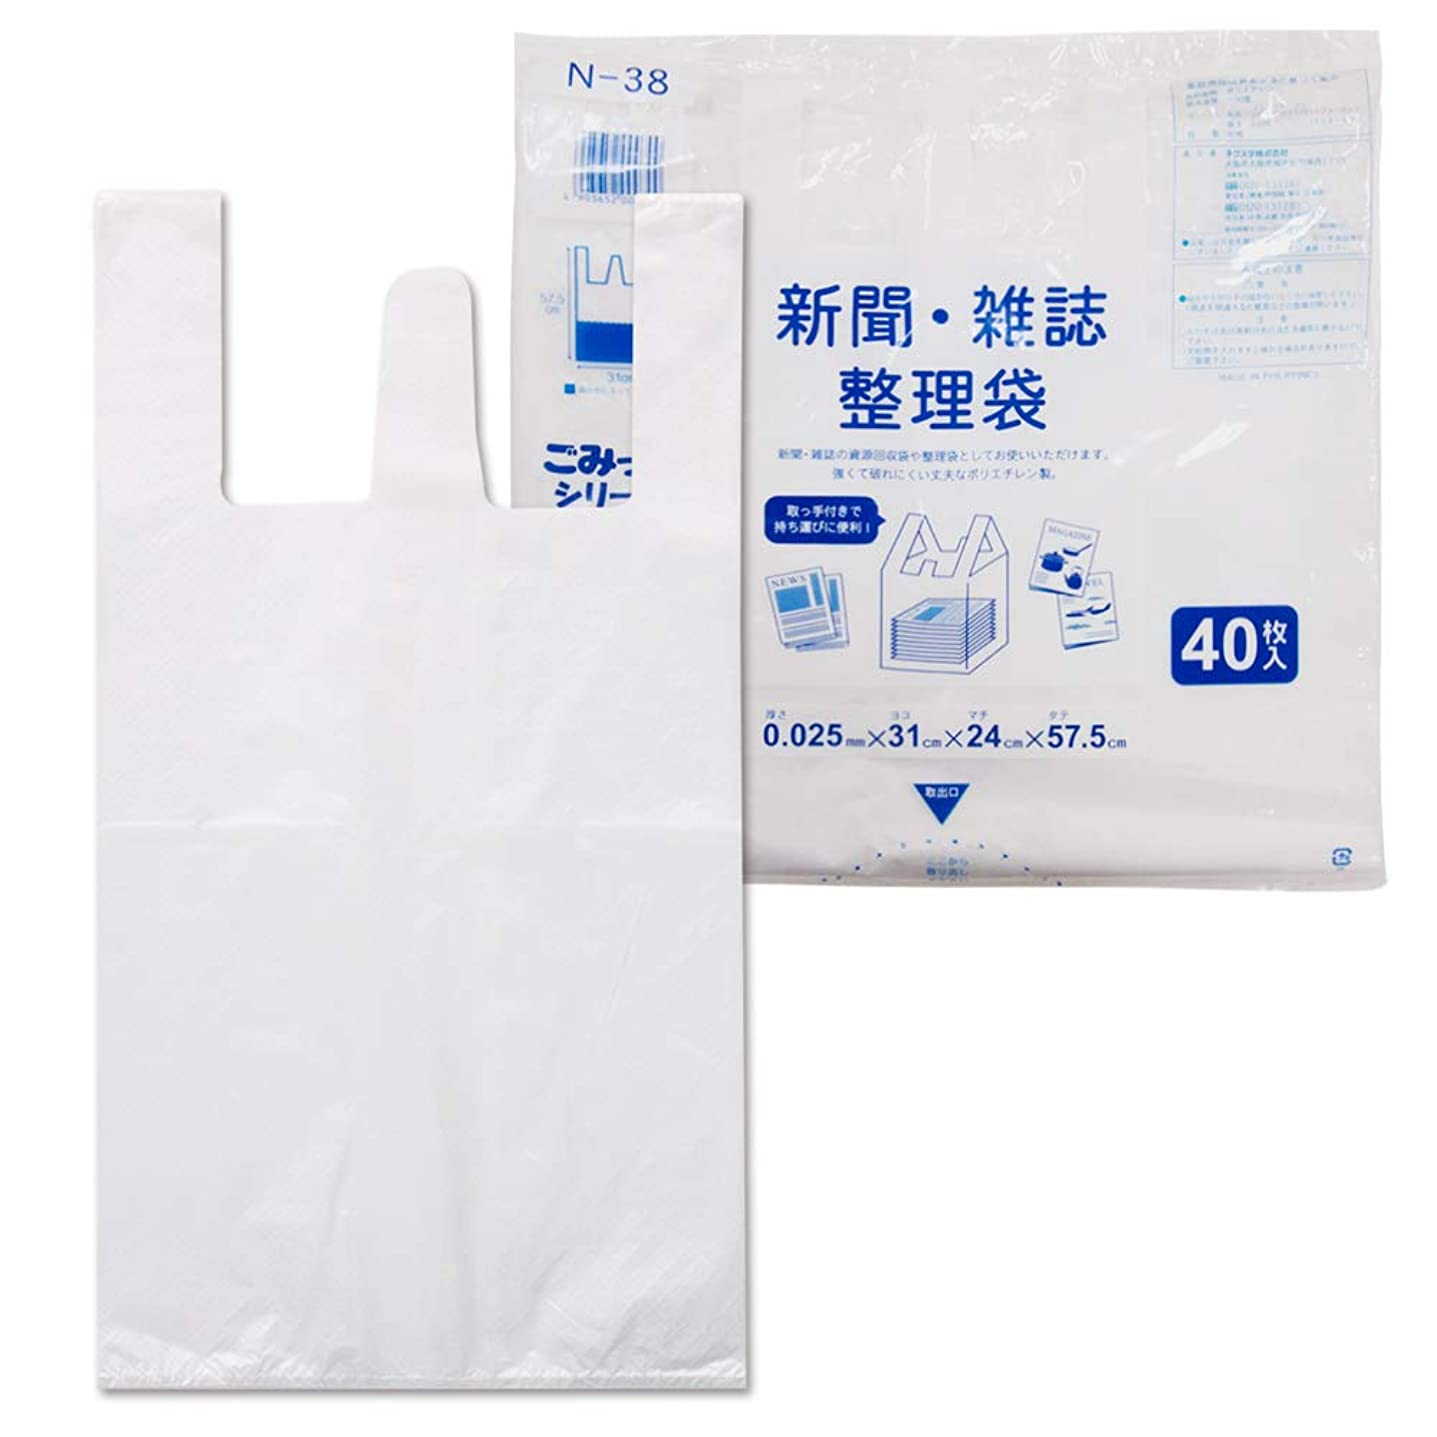 非互換現代のメールネクスタ 新聞 雑誌 整理袋 取っ手付き 半透明 横31×高さ57.5×厚さ0.025cm(マチ24cm) 丈夫な 資源 回収袋 N-38 40枚入